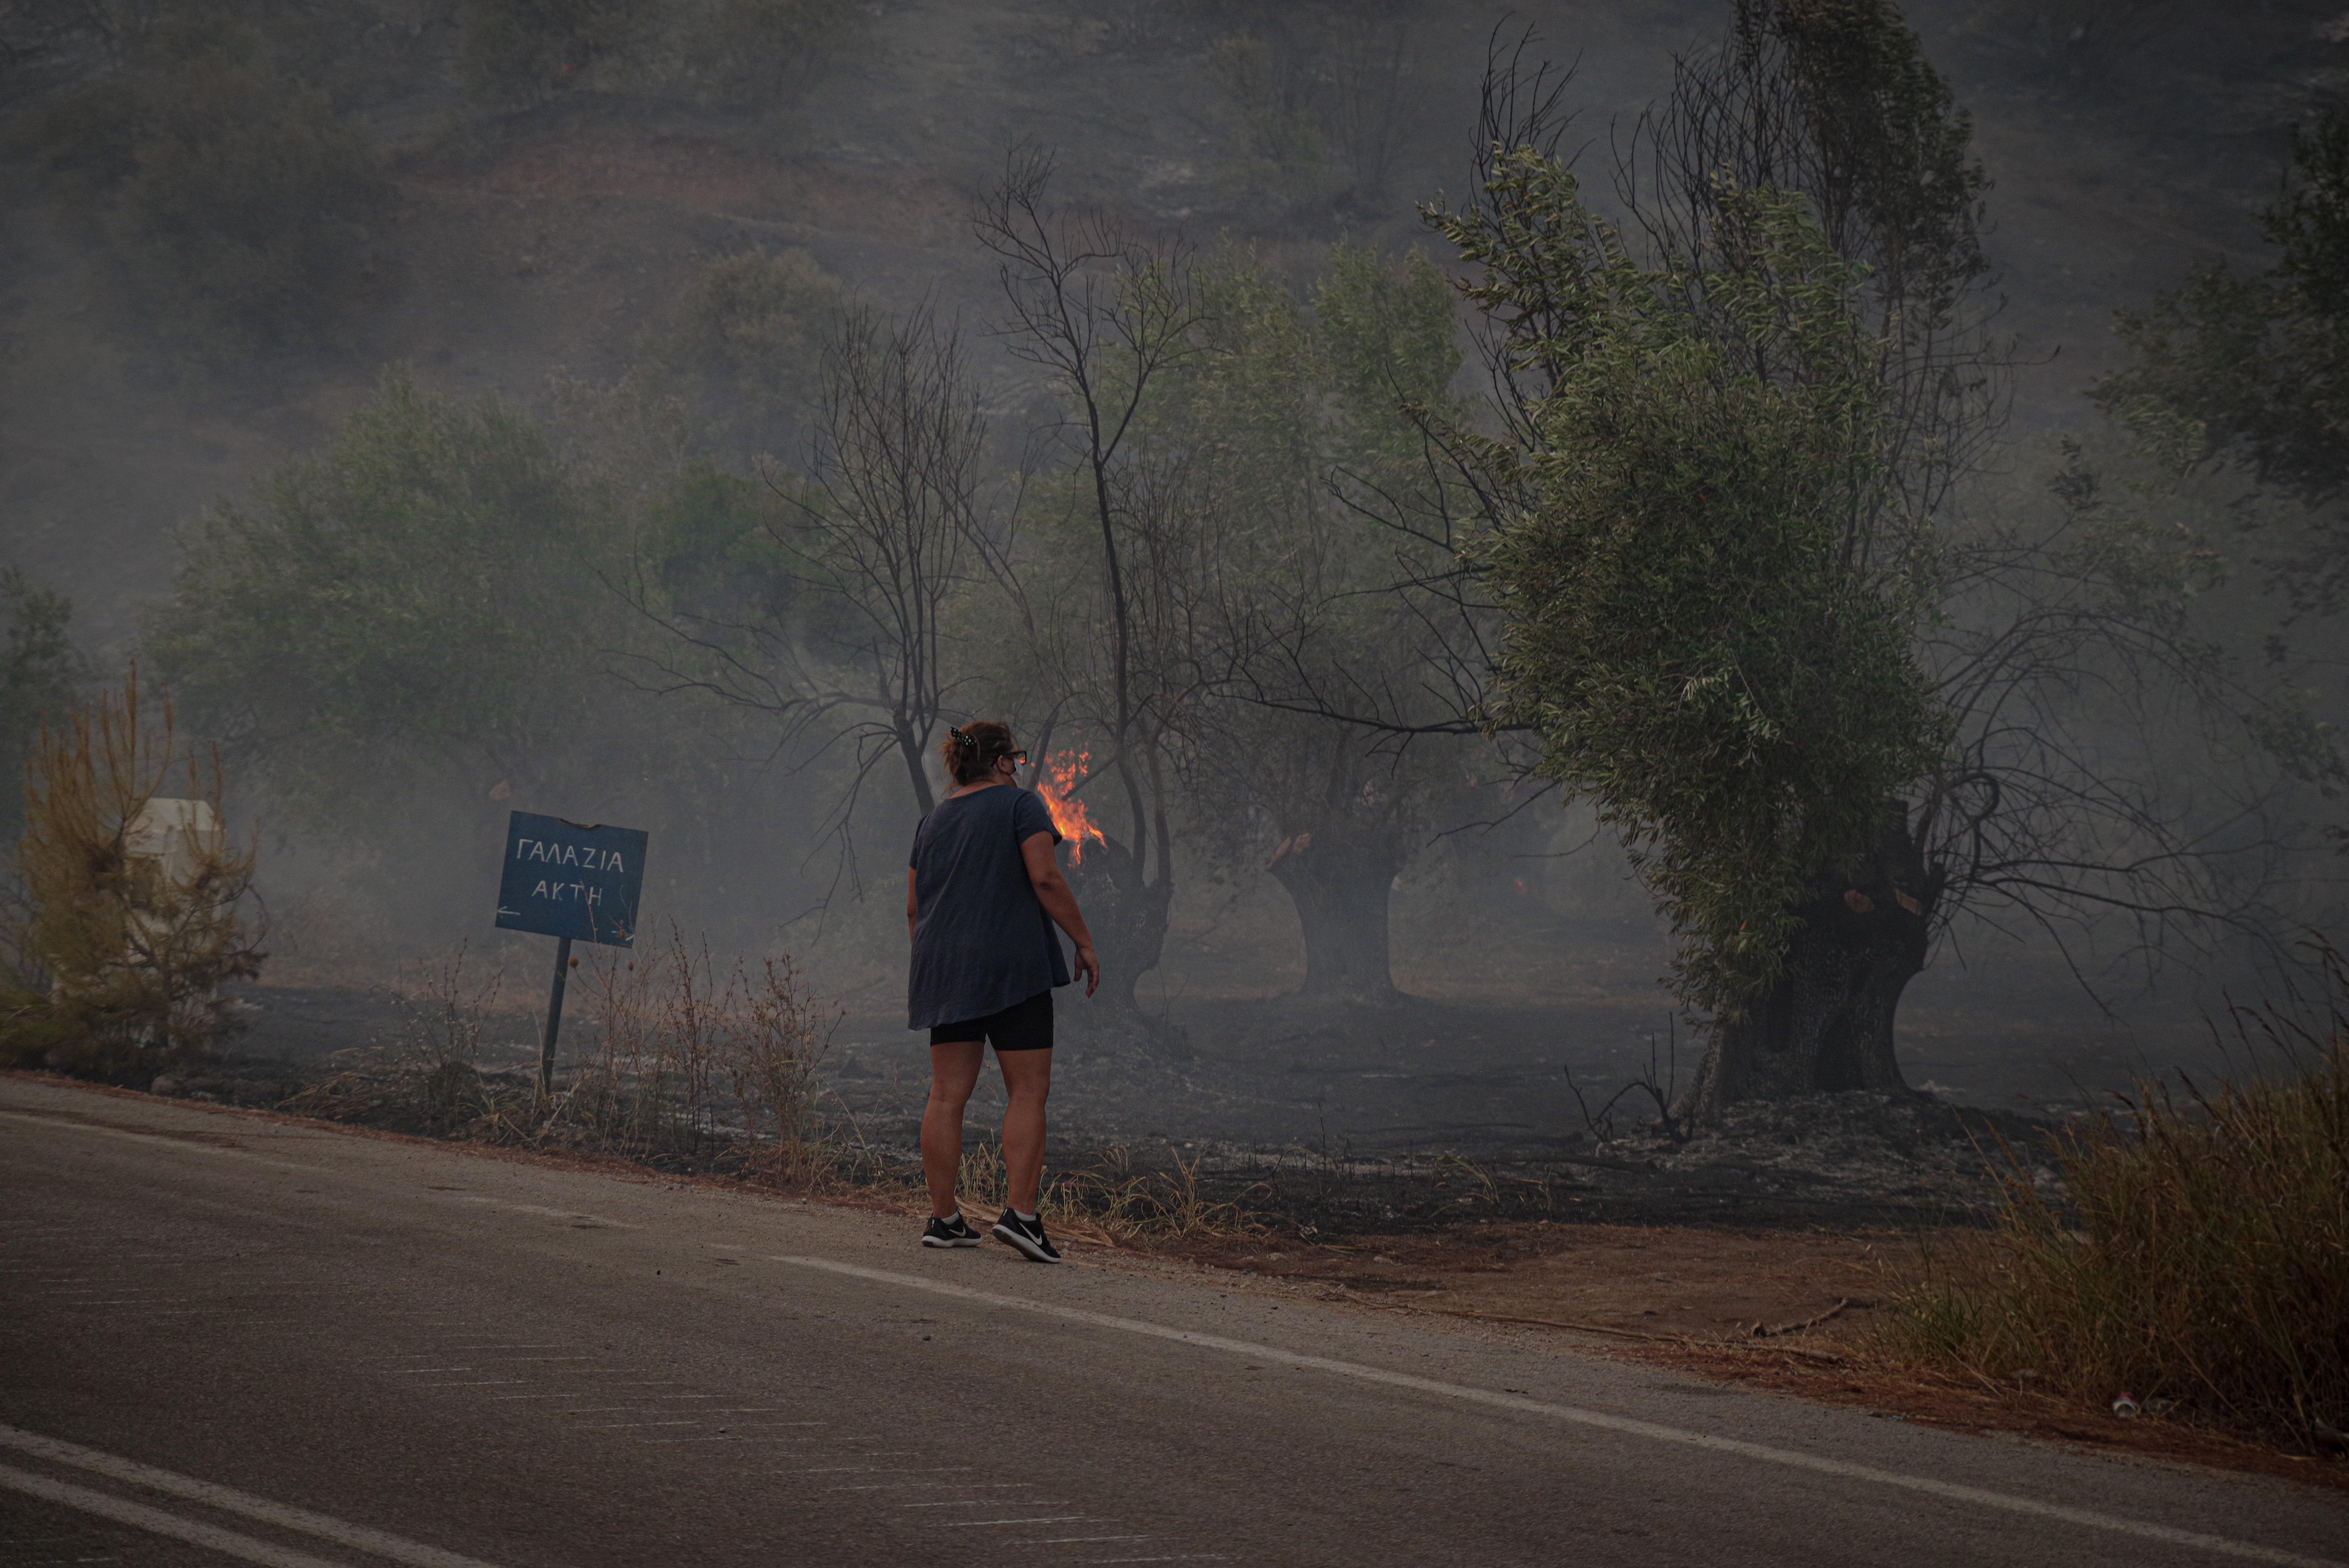 Vulkánkitörés Indonéziában, esőzések miatti evakuálások Délnyugat-Kínában, erdőtüzek Szibériában és Görögországban, lezuhant repülő Zákinthoszon